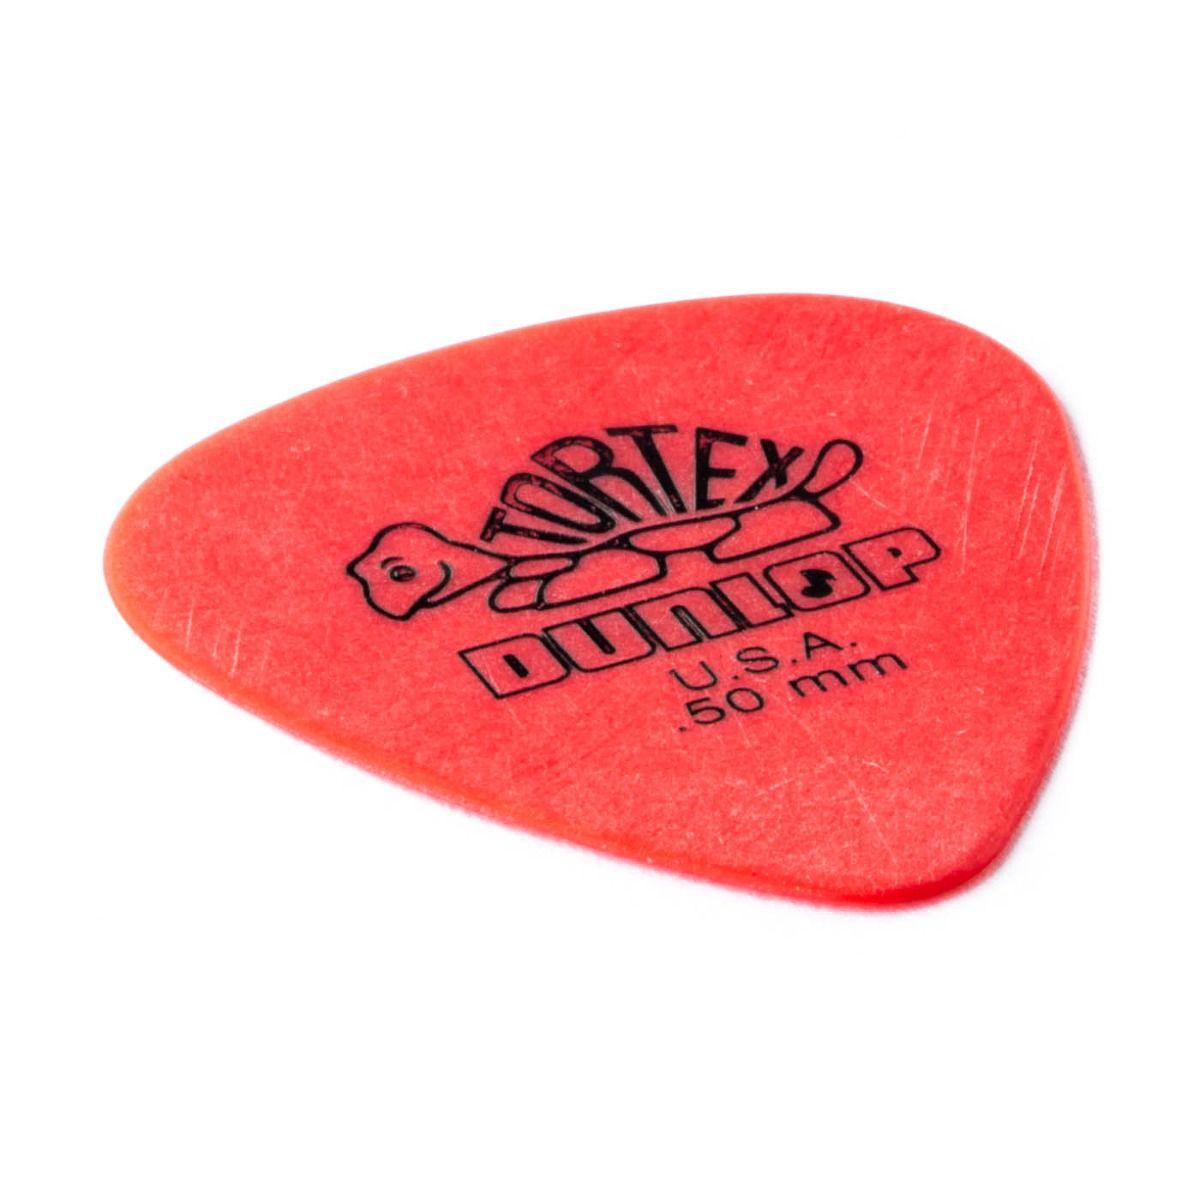 Palheta Dunlop TORTEX 0,50MM - Vermelha